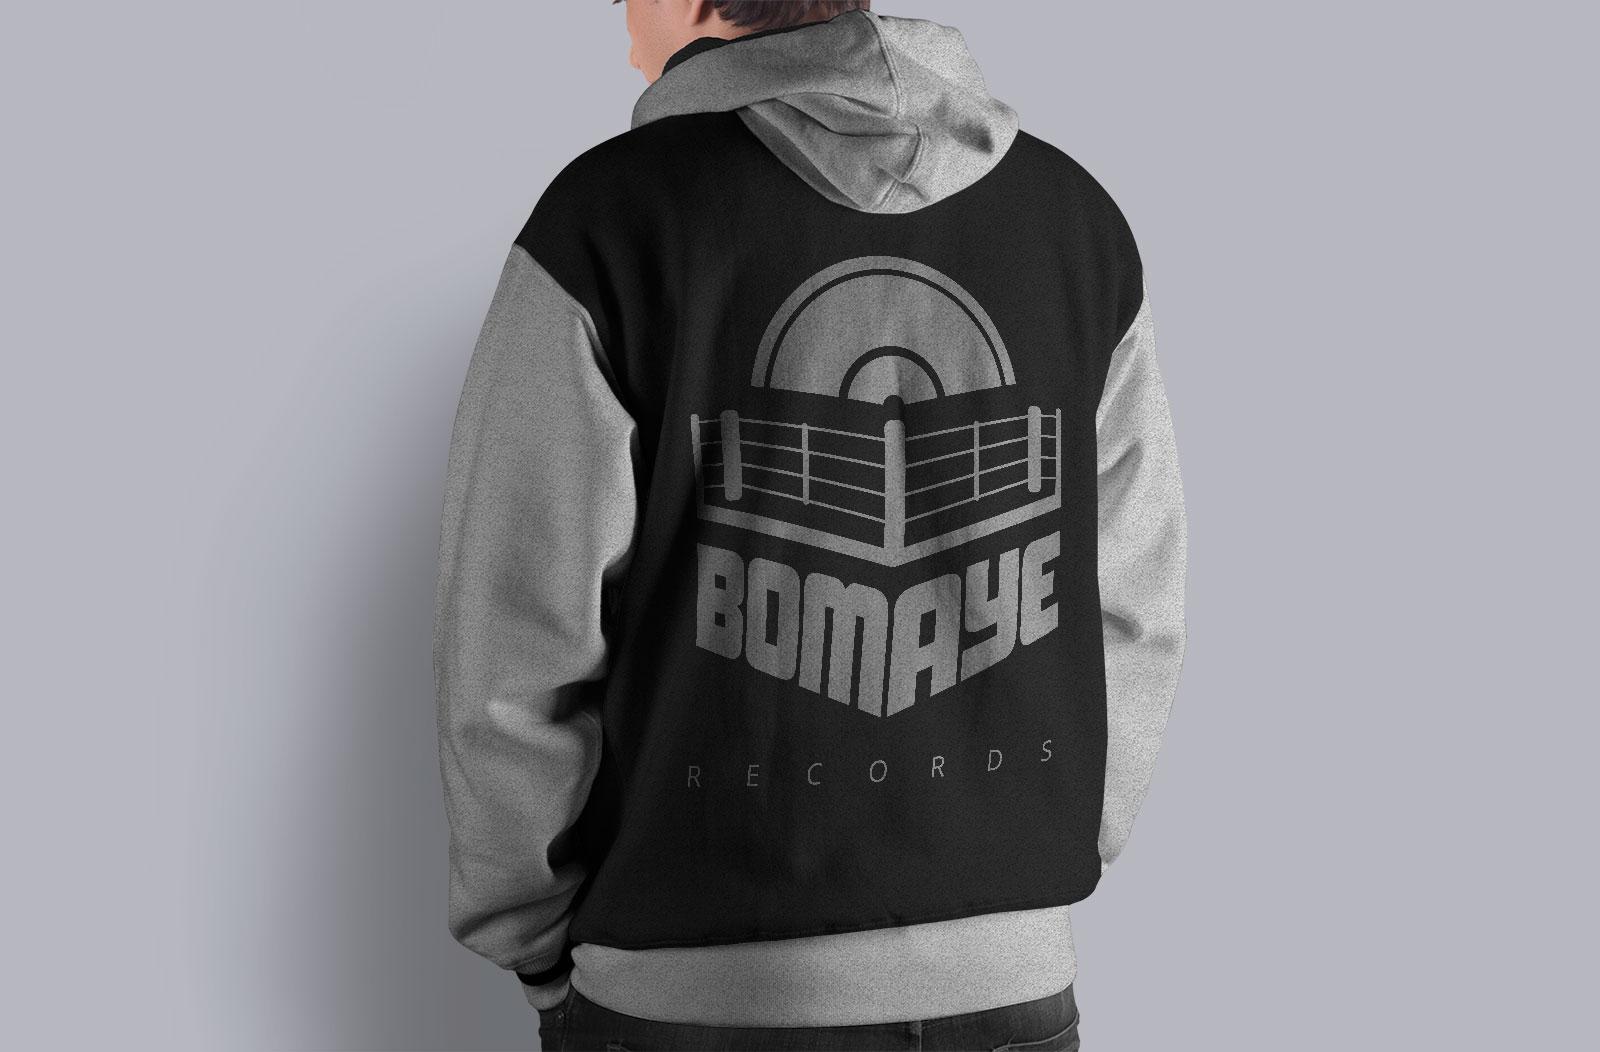 bomaye_records_logo_wizualizacja_04